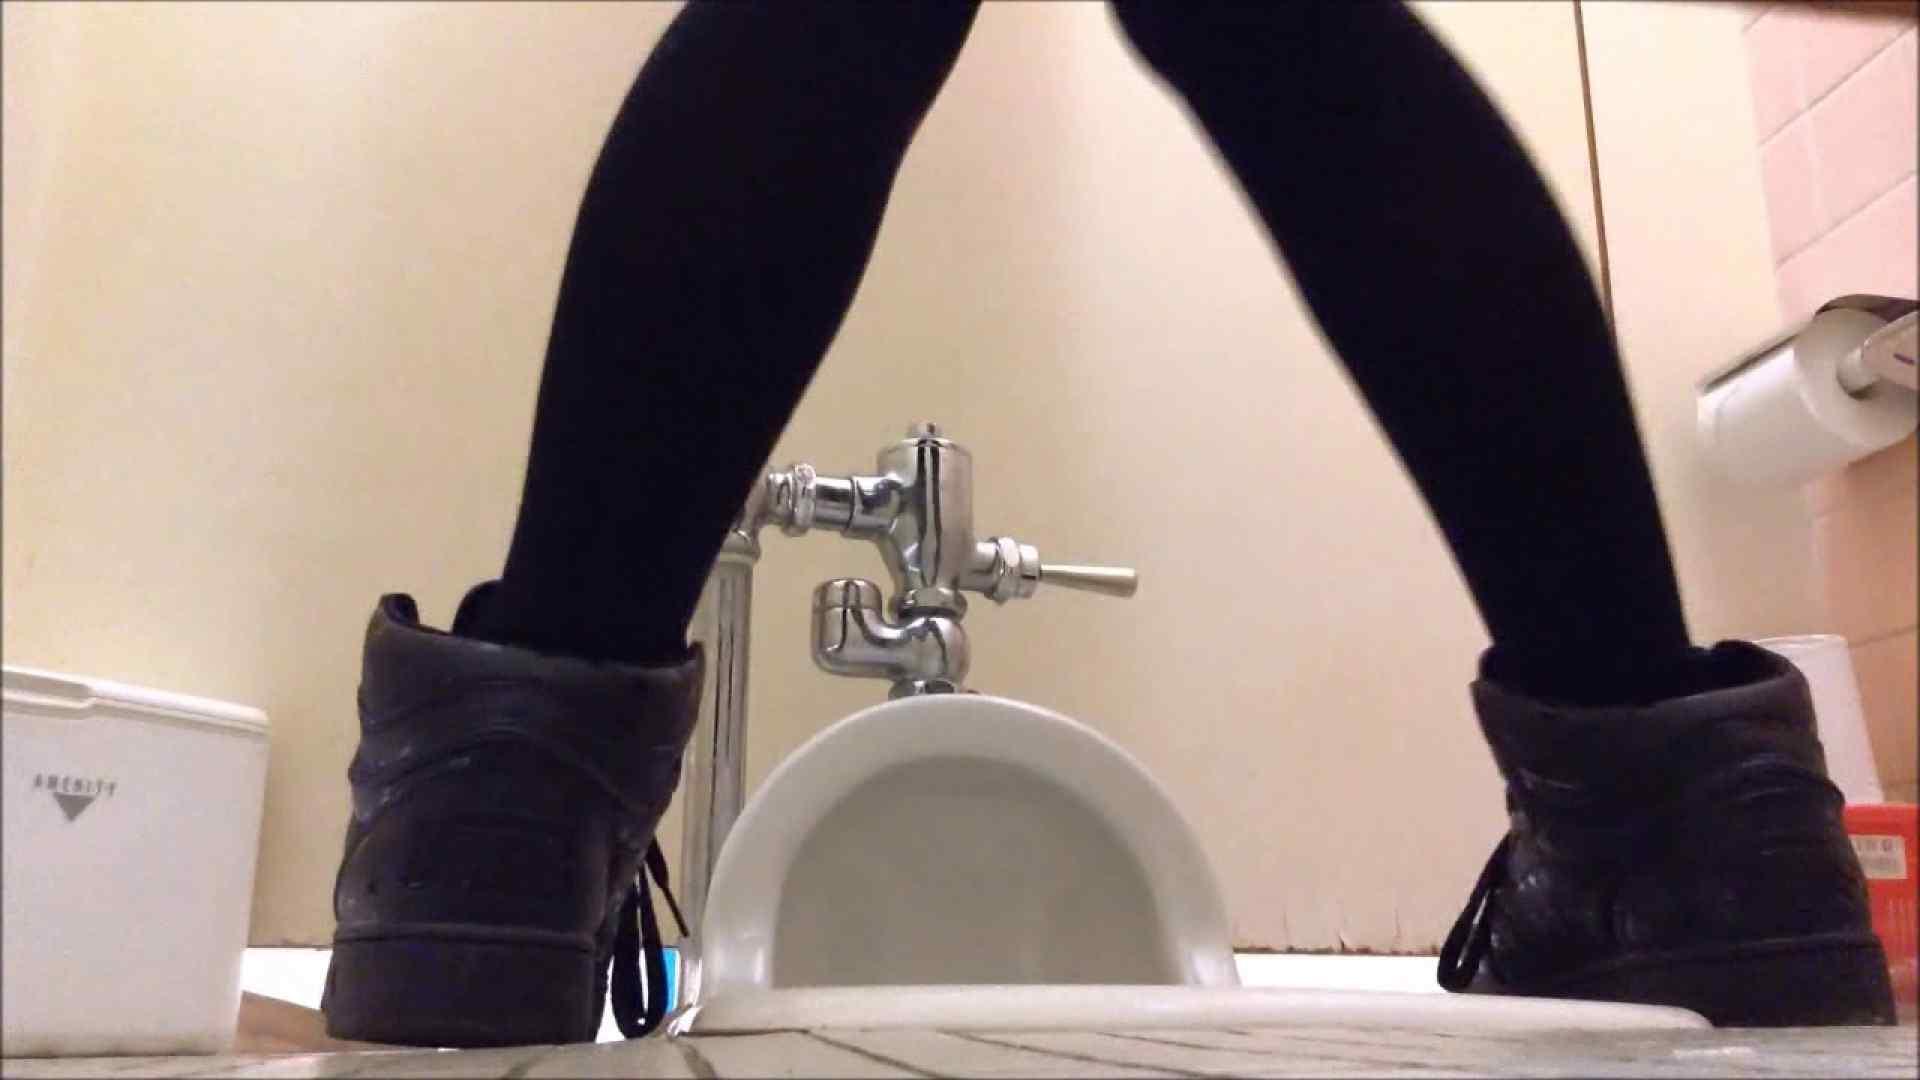 某有名大学女性洗面所 vol.13 洗面所突入 | 和式トイレ  96pic 29